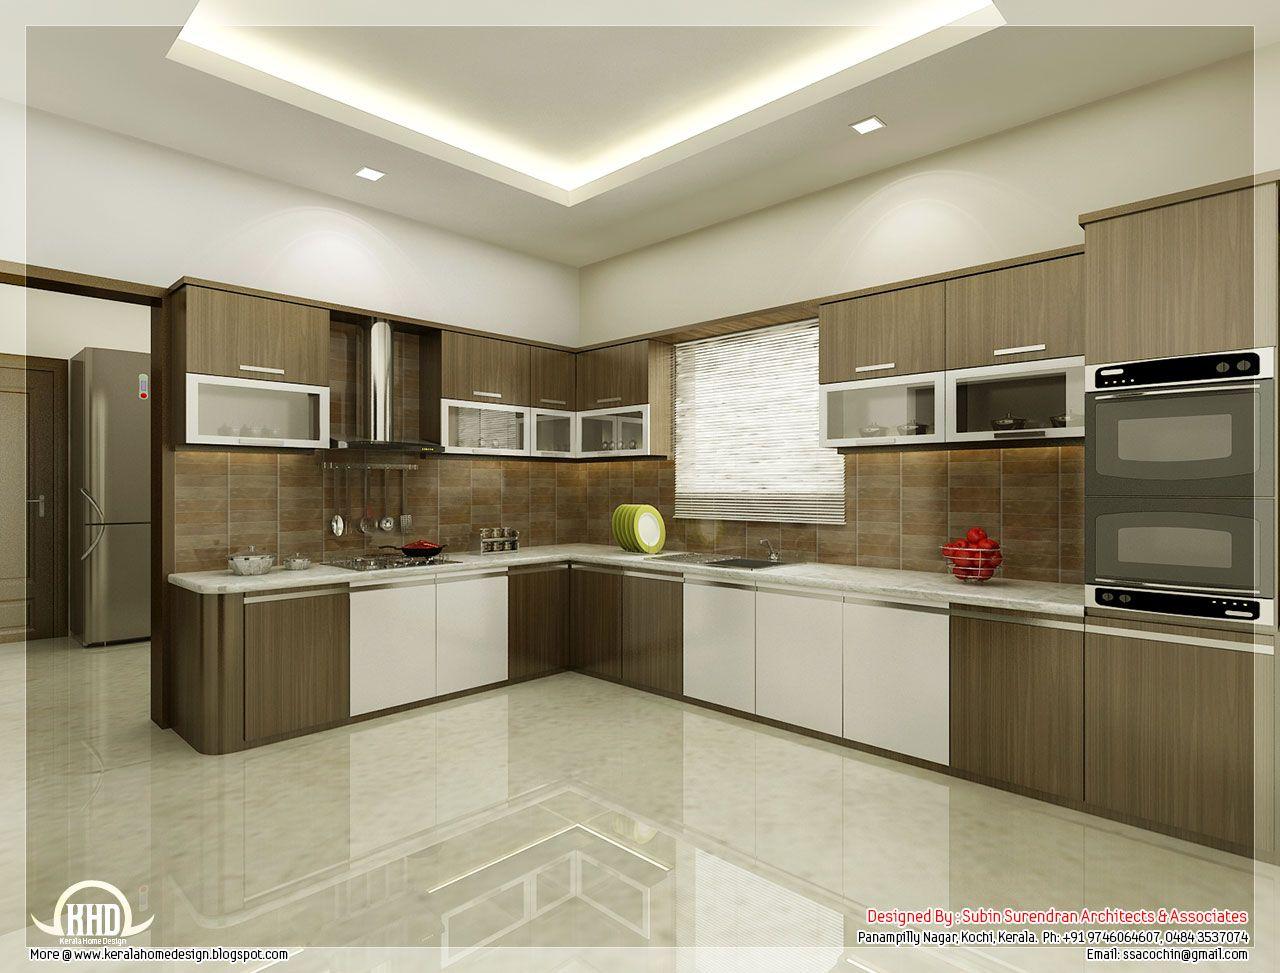 Home Interior Design 04 Indian kitchen design ideas